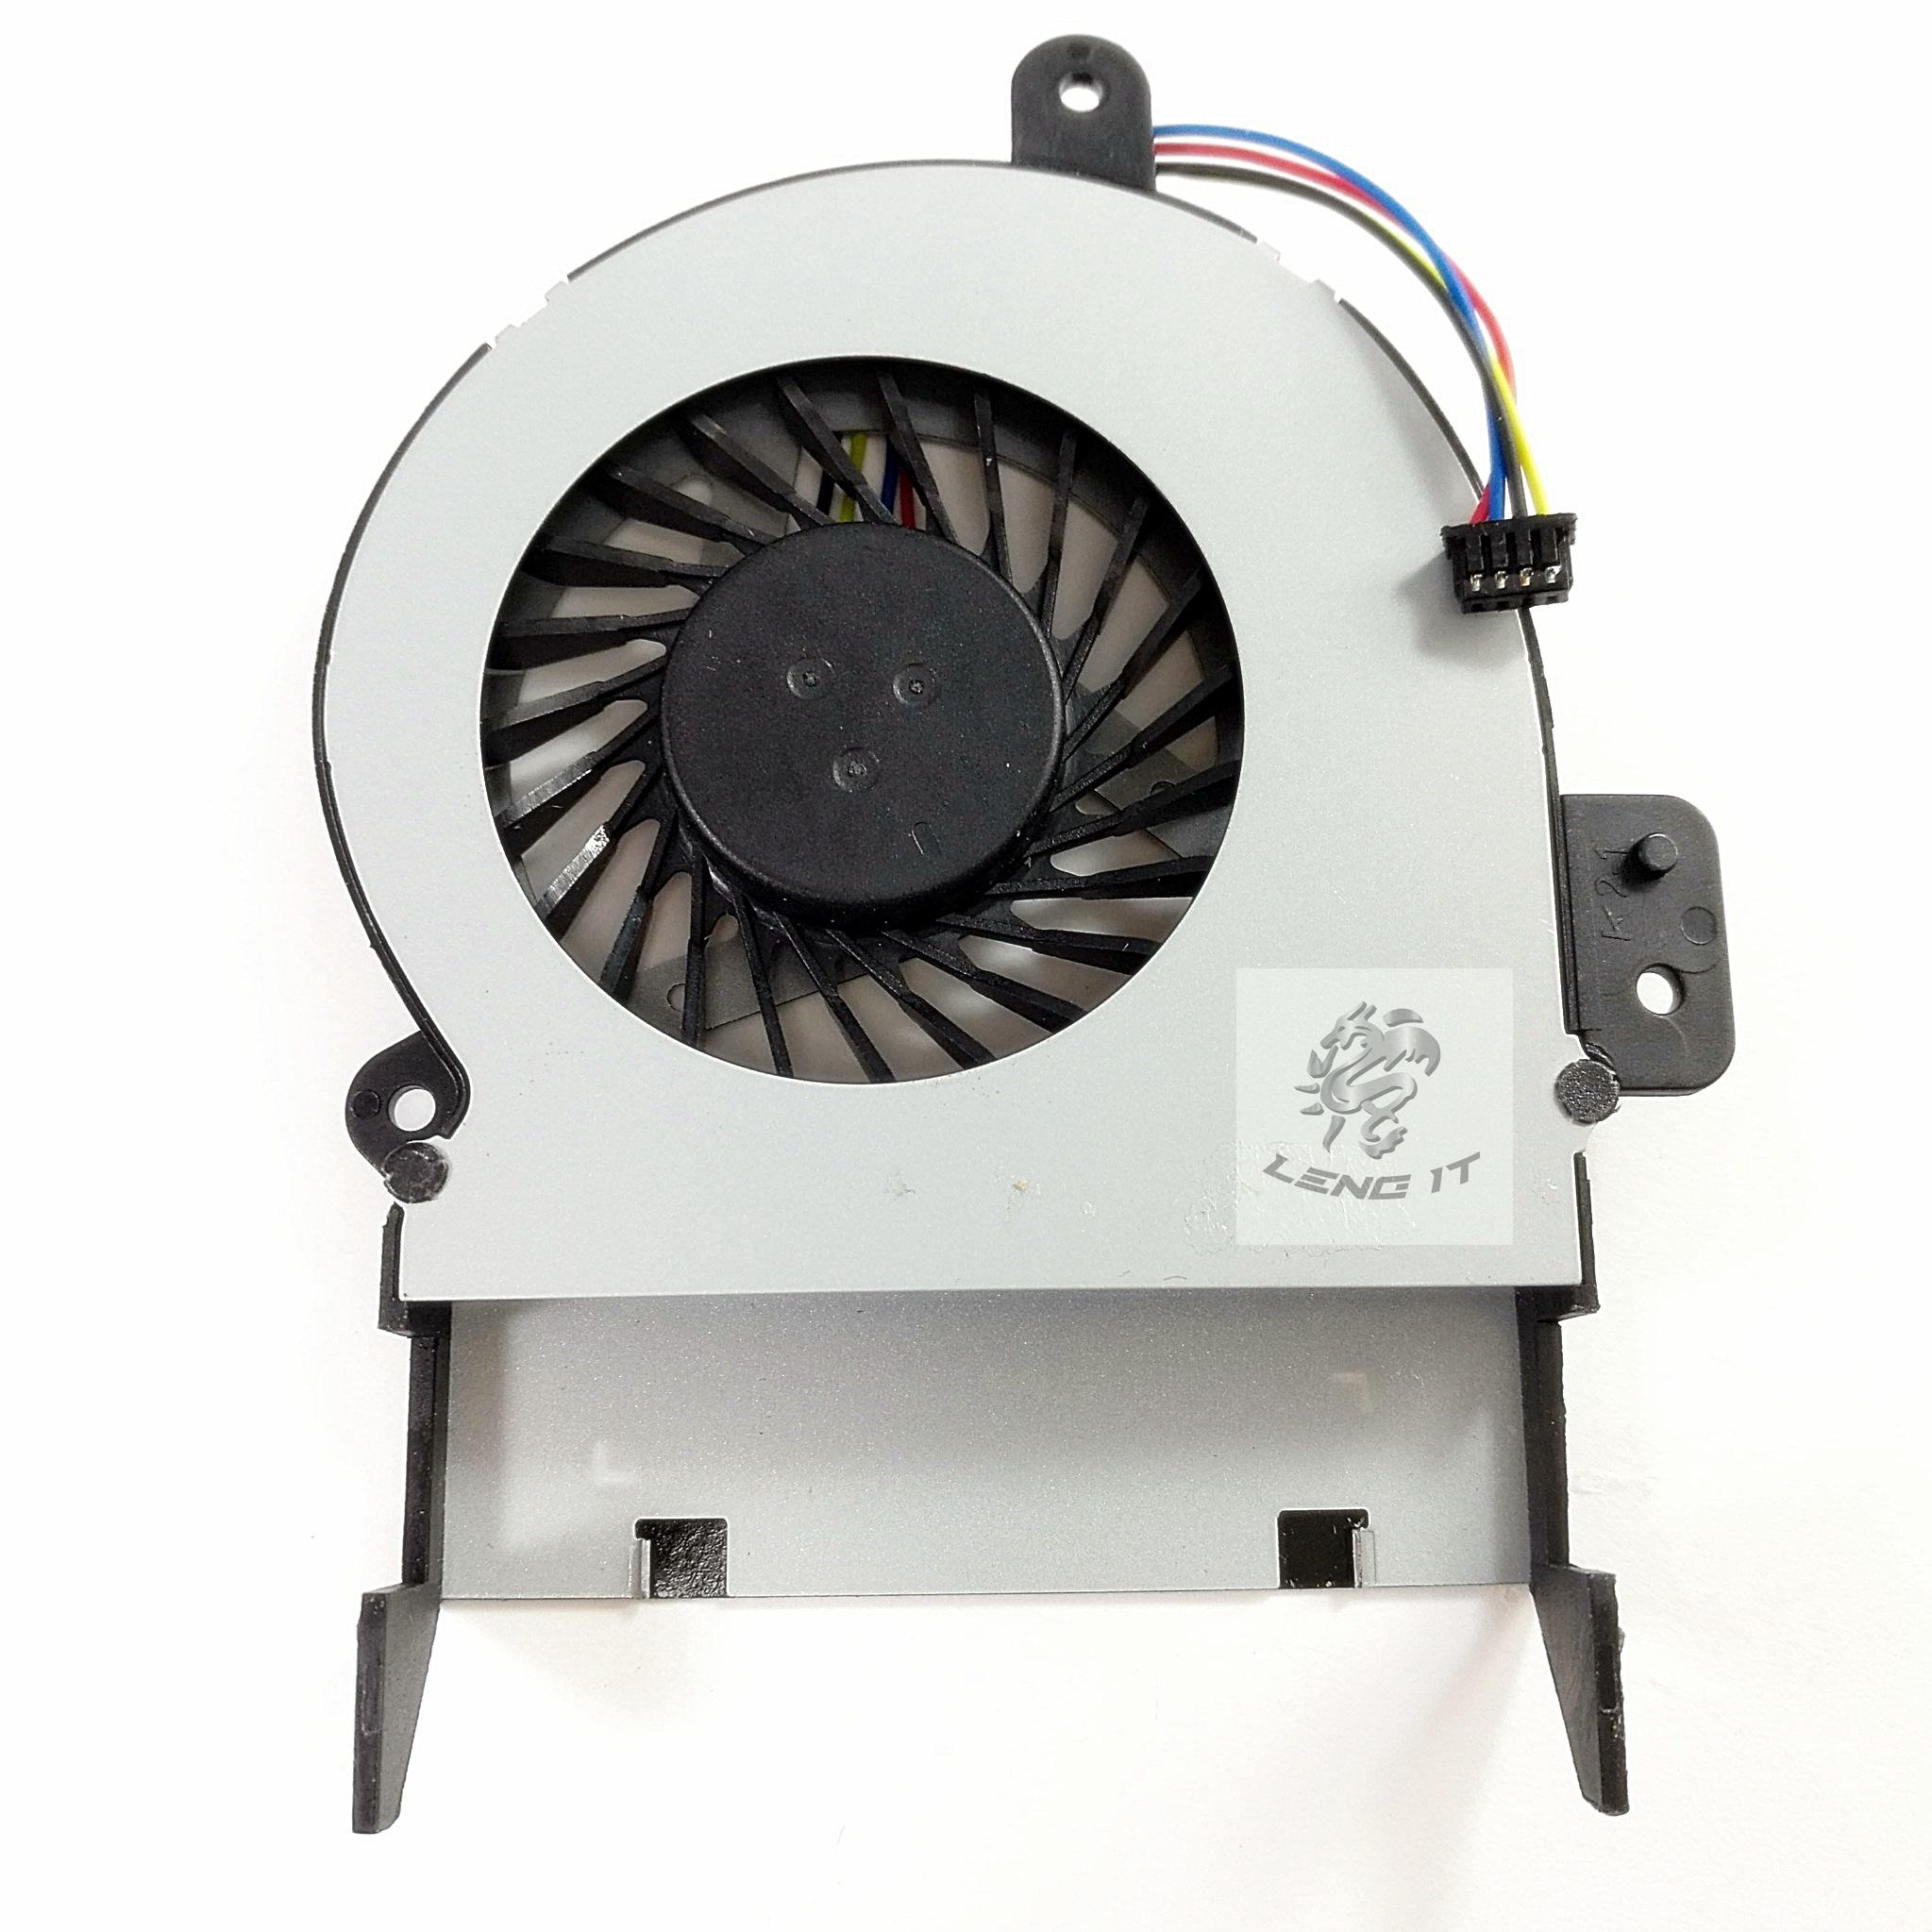 พัดลม CPU/FAN Asus X55A 10mm